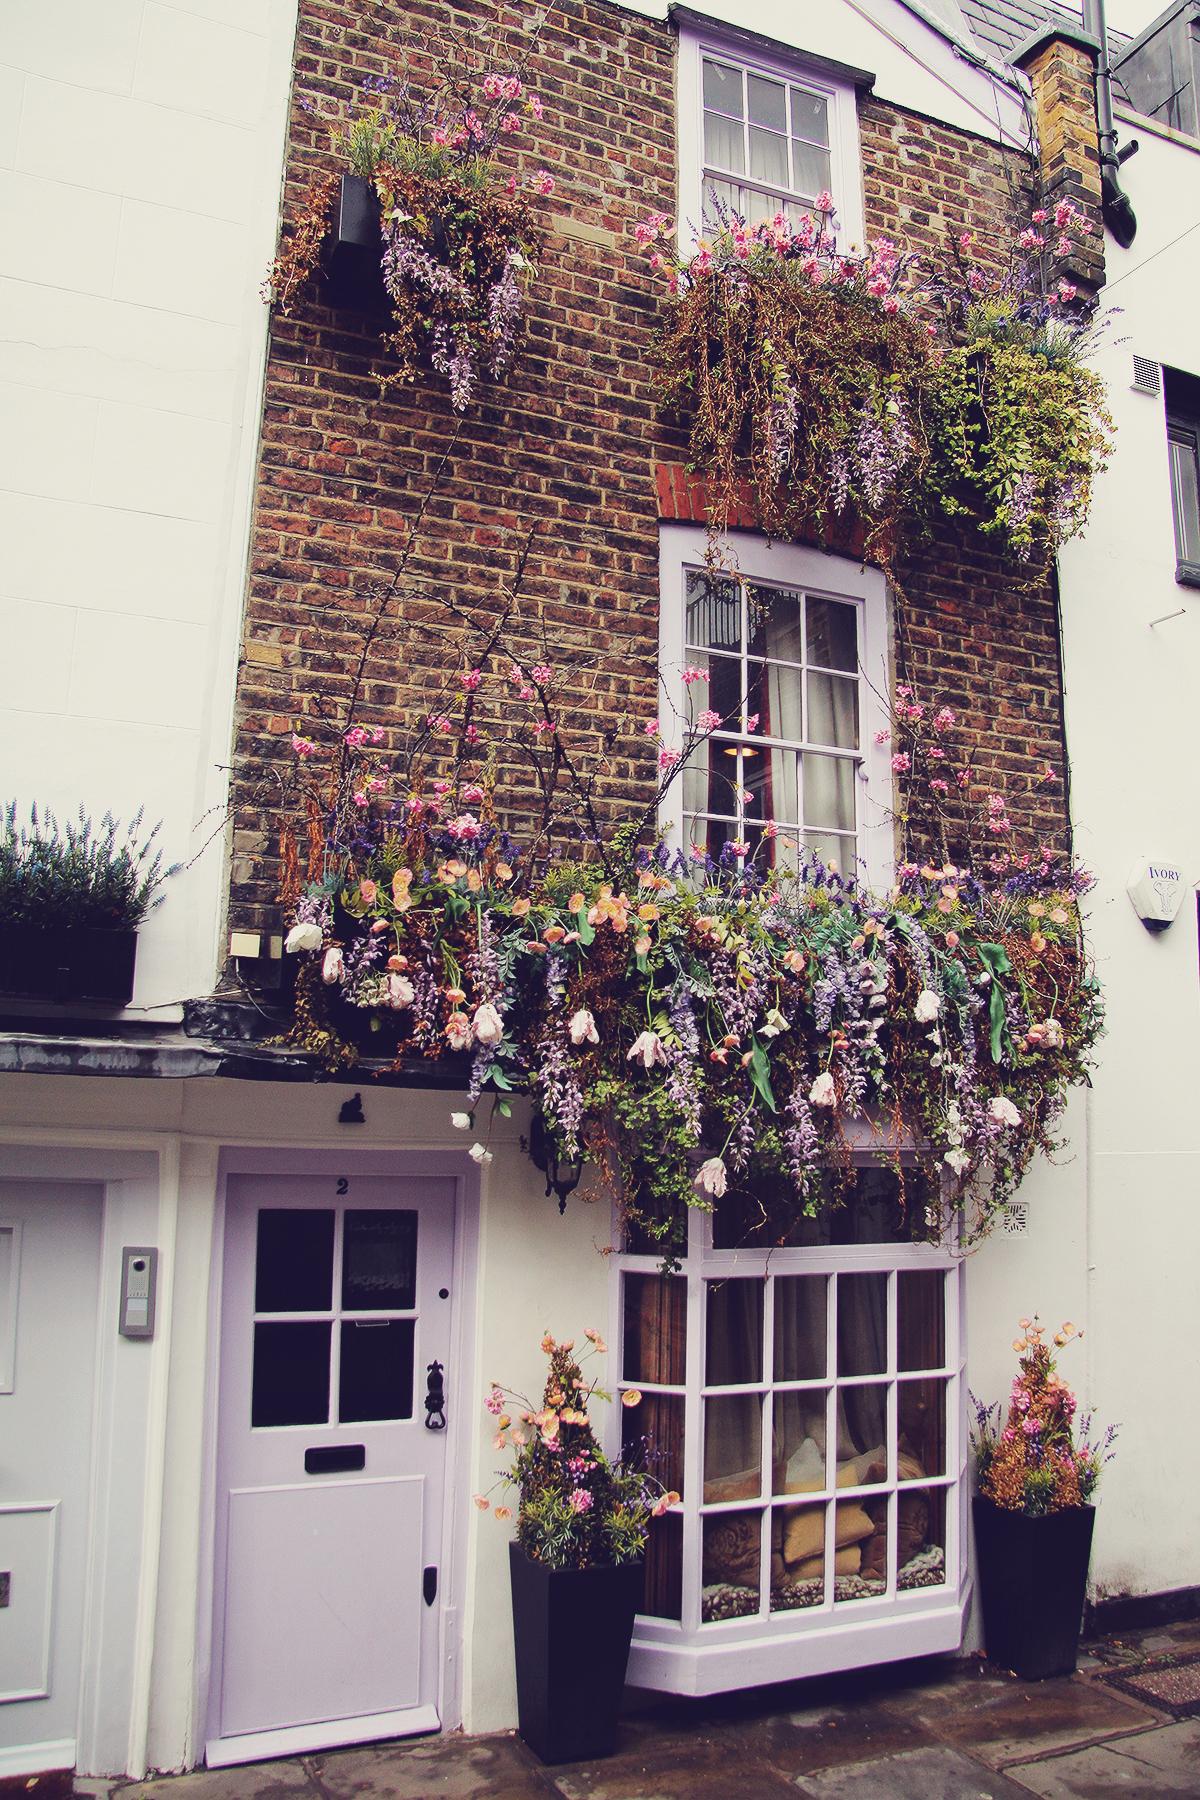 london-street-flowers-in-hampstead